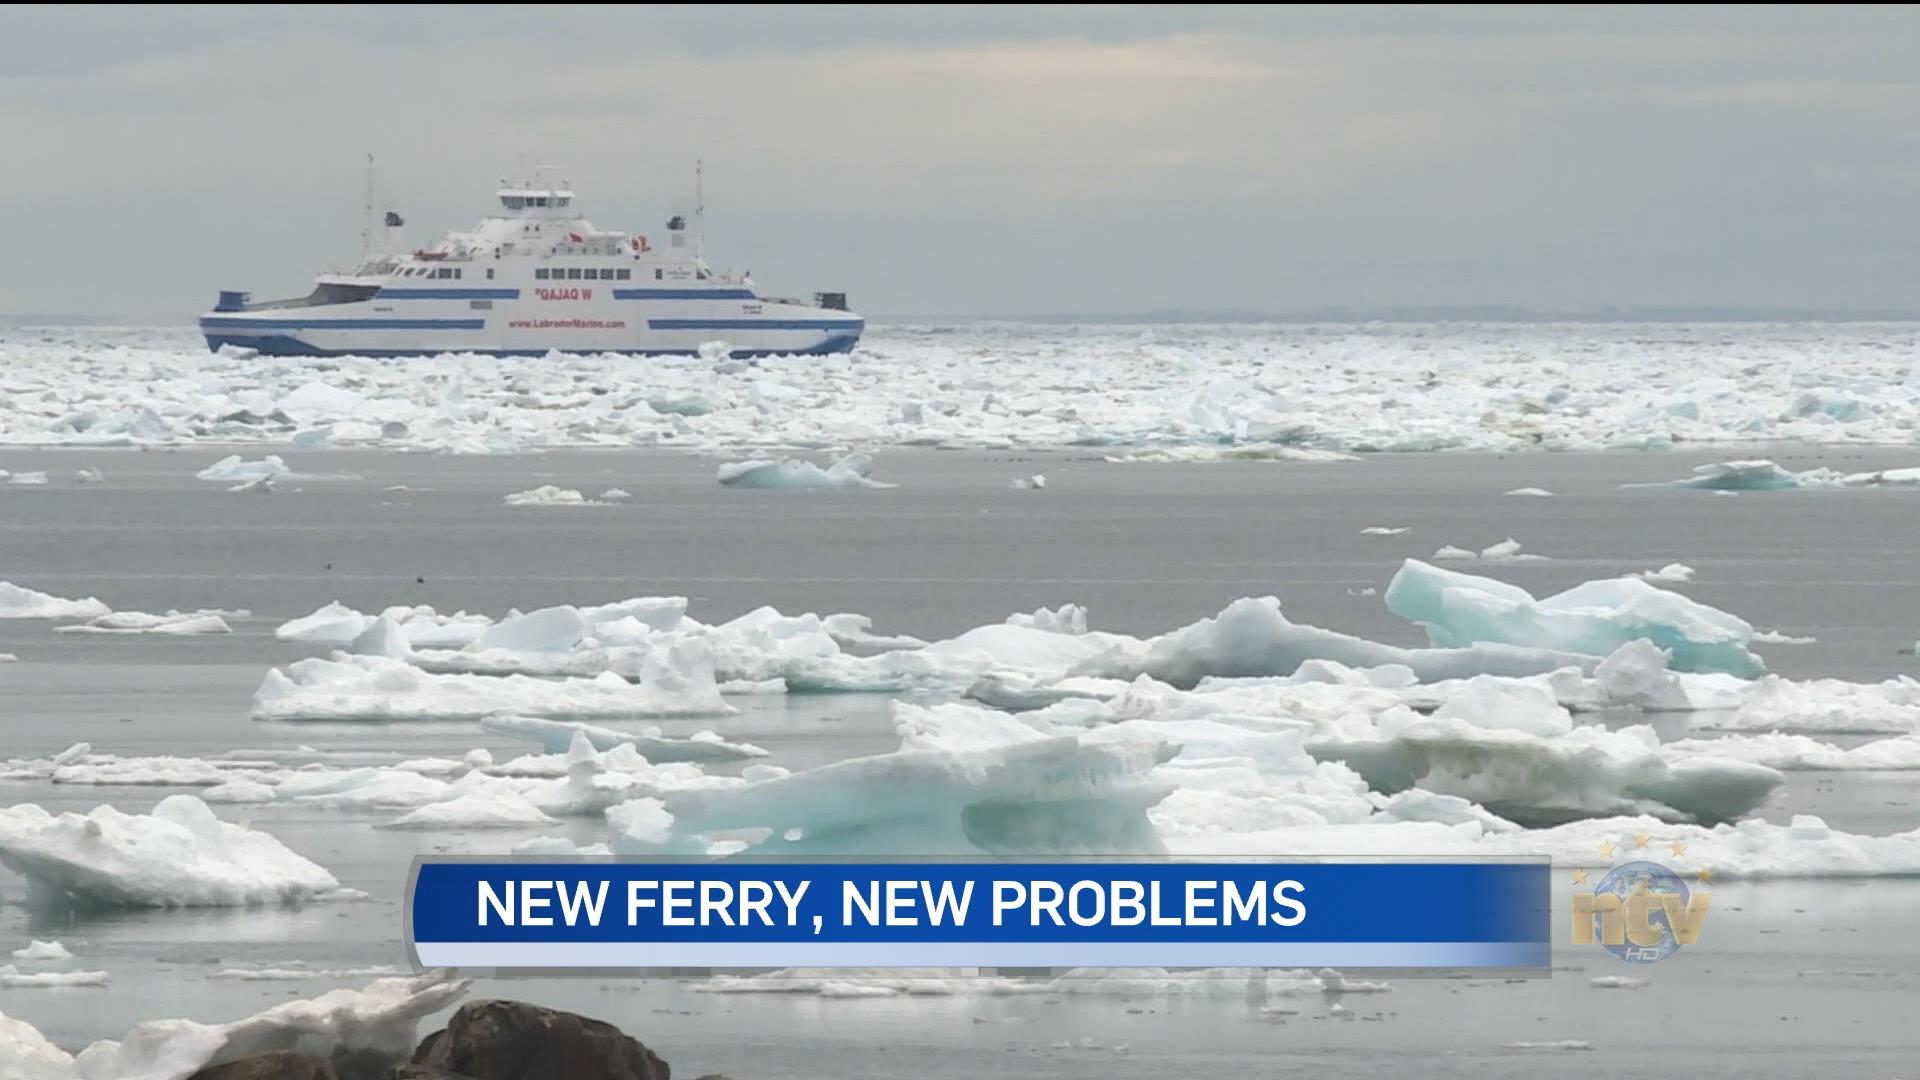 Difficult spring for new Labrador Straits ferry - ntv.ca